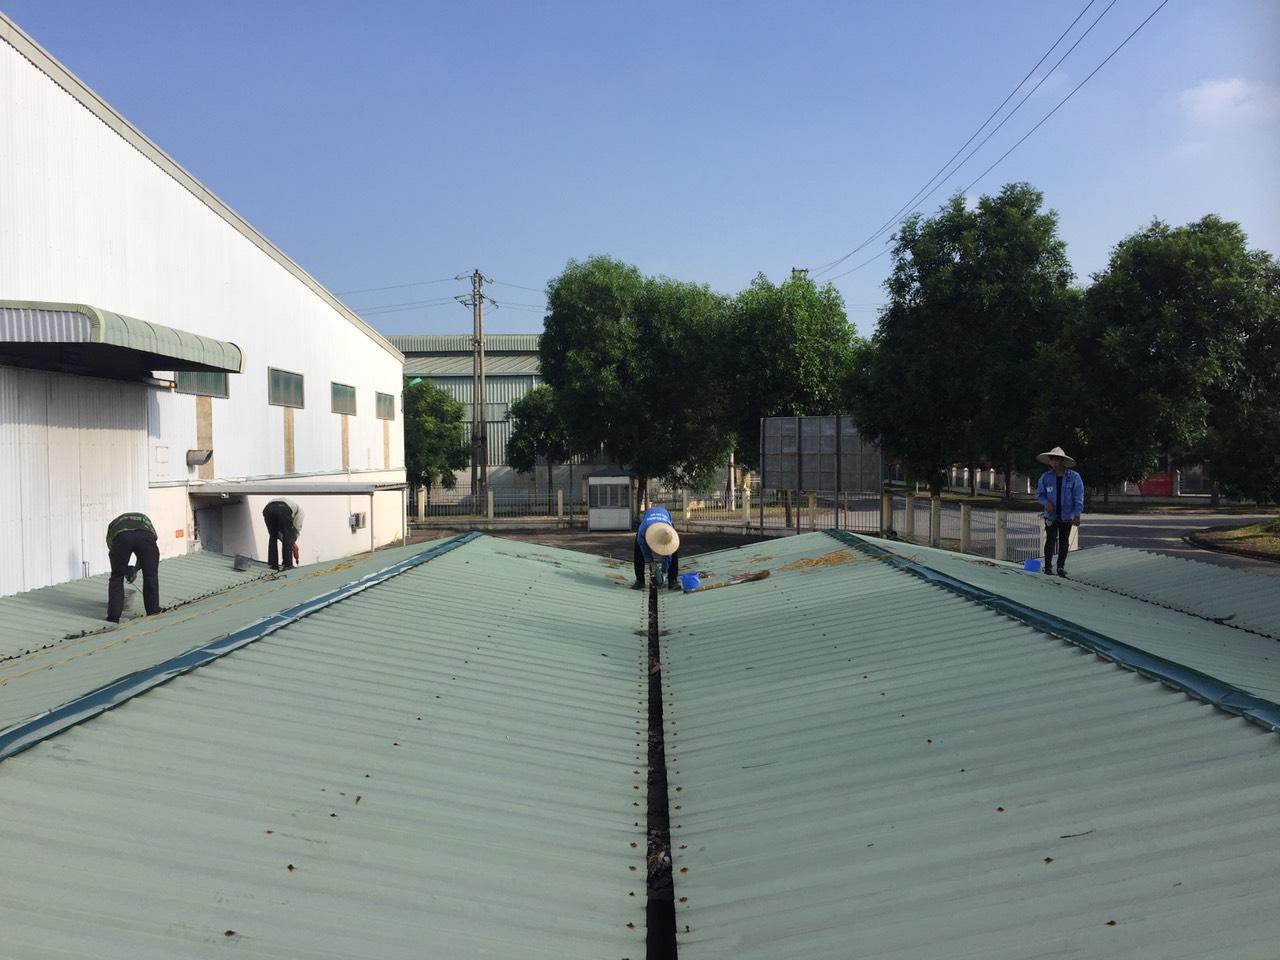 Dịch vụ sửa chữa, cải tạo nhà xưởng chuyên nghiệp